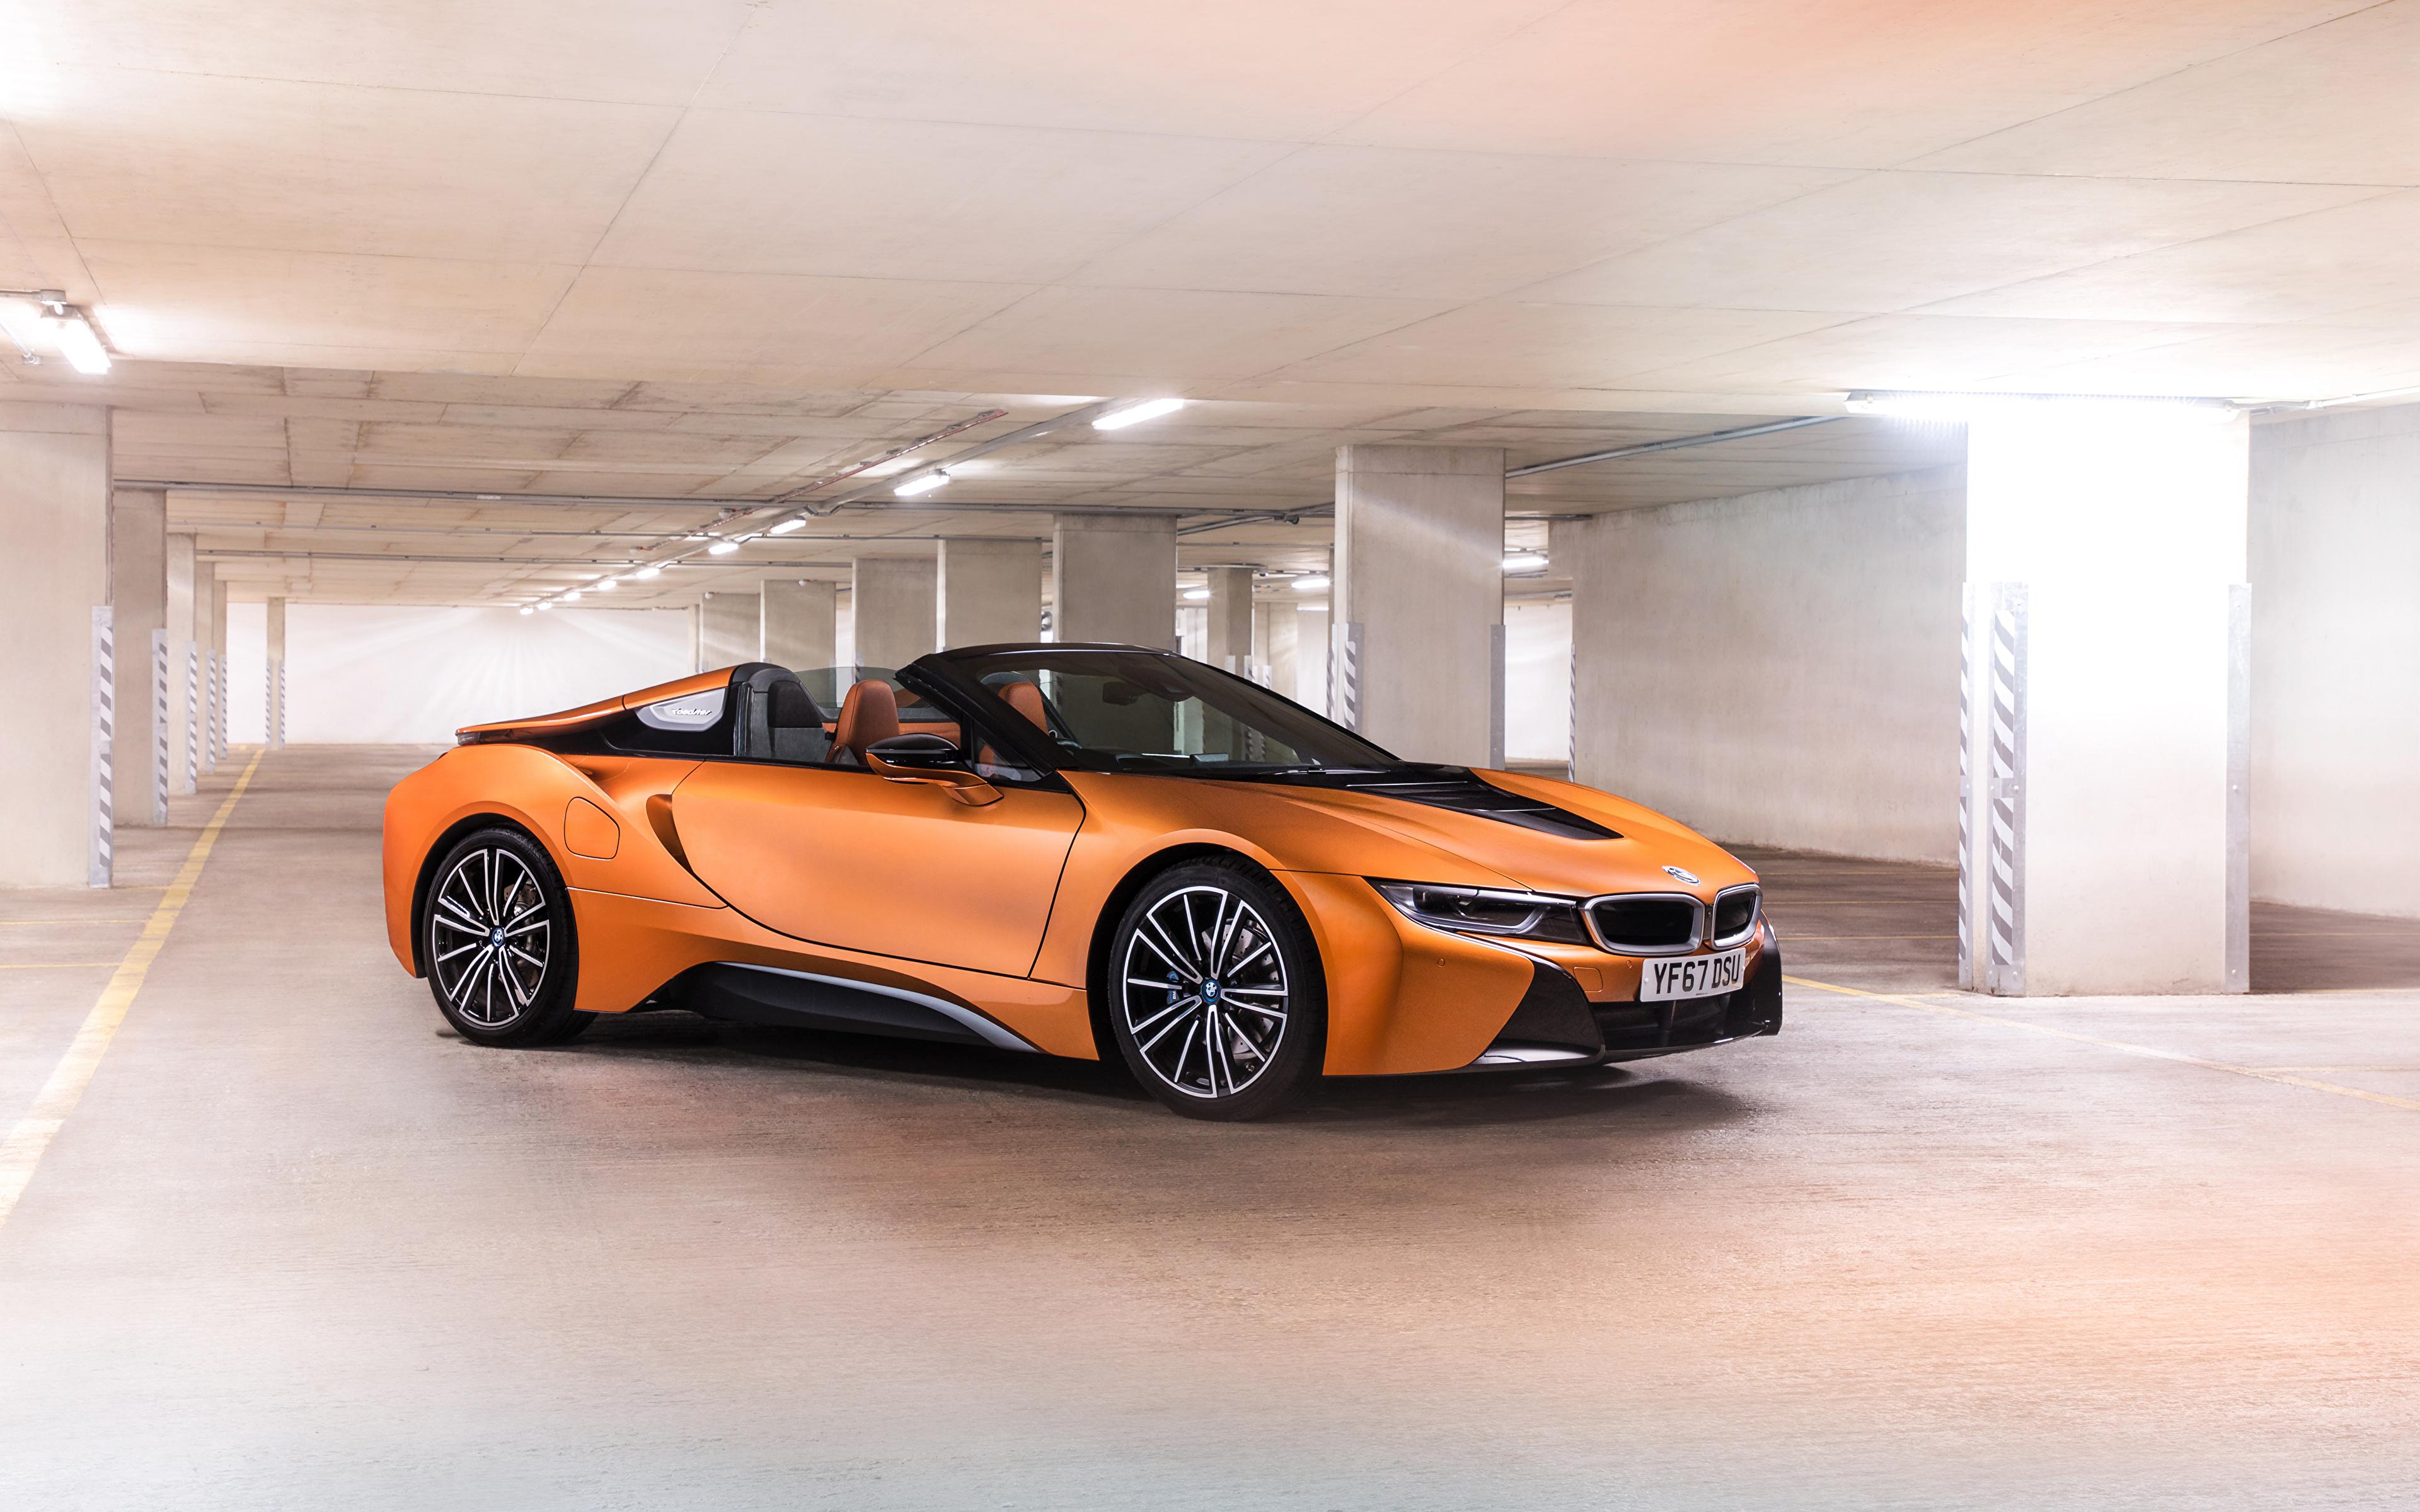 Фото BMW 2018 i8 Roadster Родстер Оранжевый Автомобили 3840x2400 БМВ Авто Машины